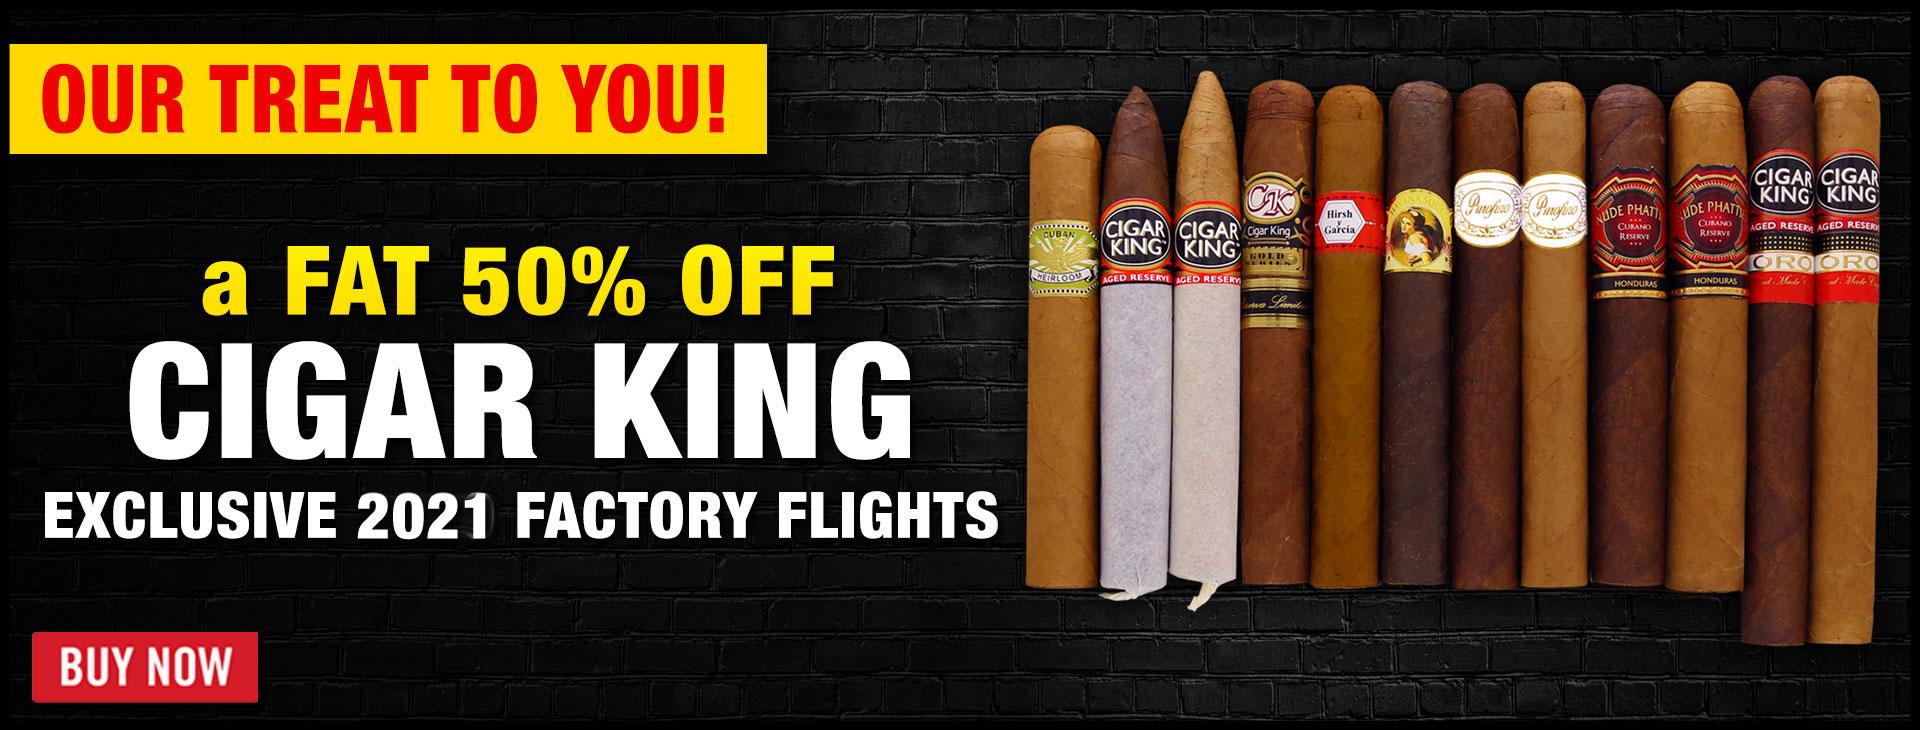 cigar-king-2020-factory-flight-2021-banner.jpg